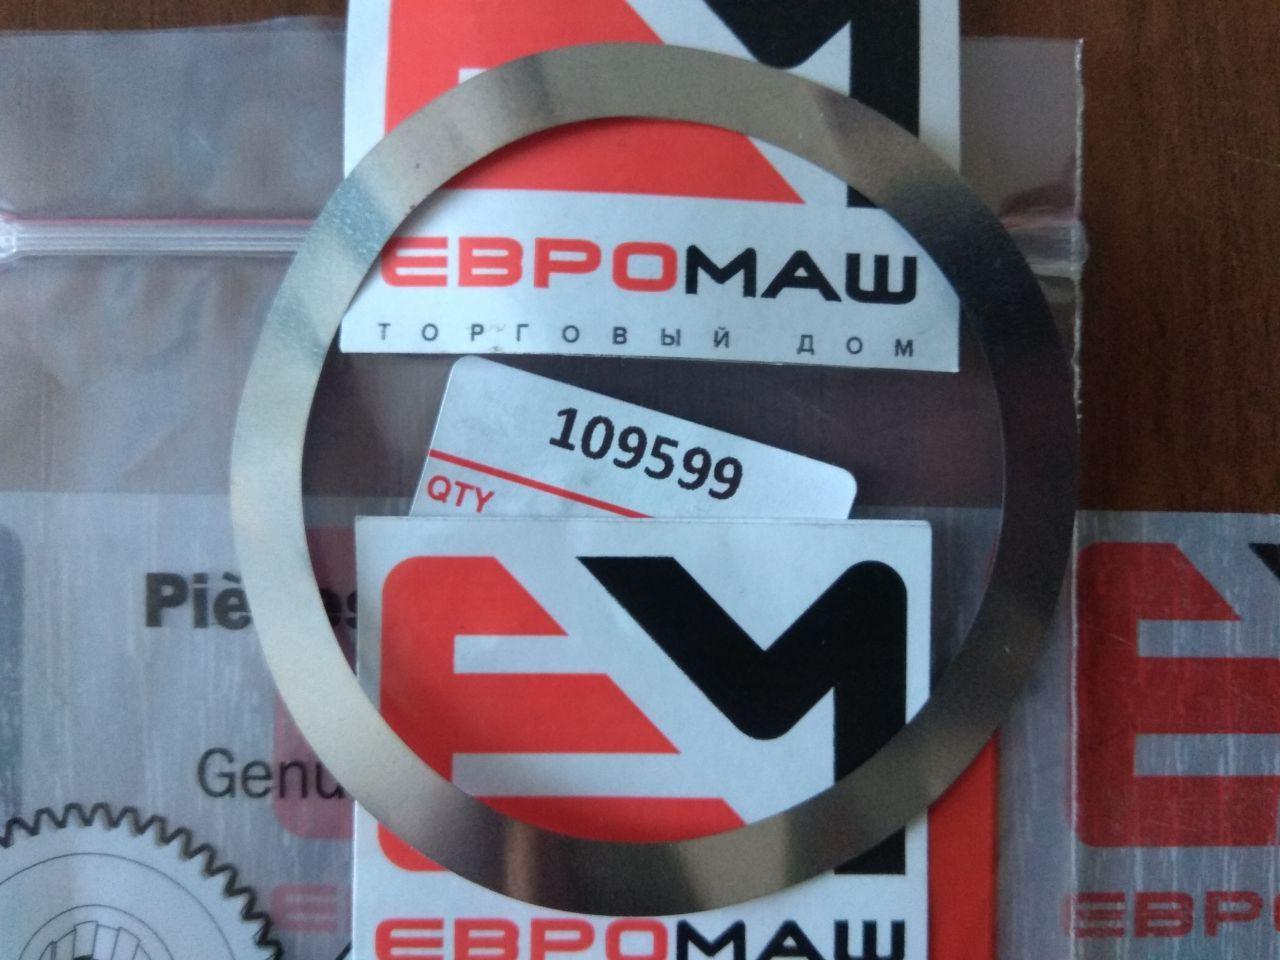 Шайба металева регулювальна Manitou 109599 (Маніту, Маниту) оригінал